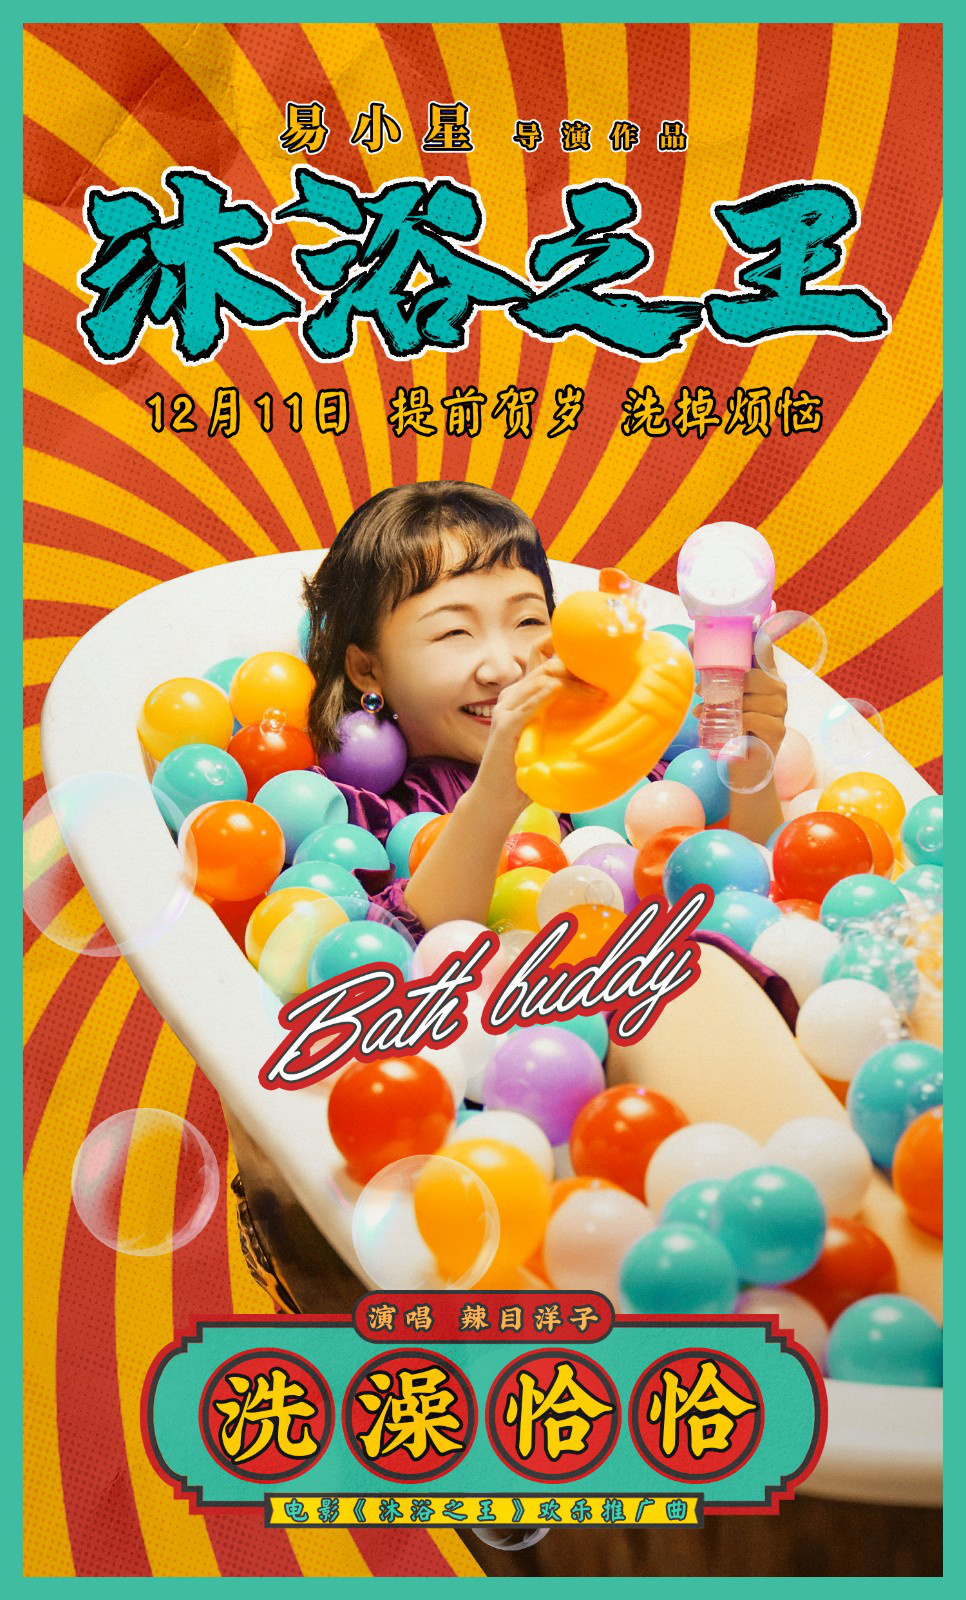 洗去烦恼!拉木洋子开心地唱着《沐浴之王》推广歌曲